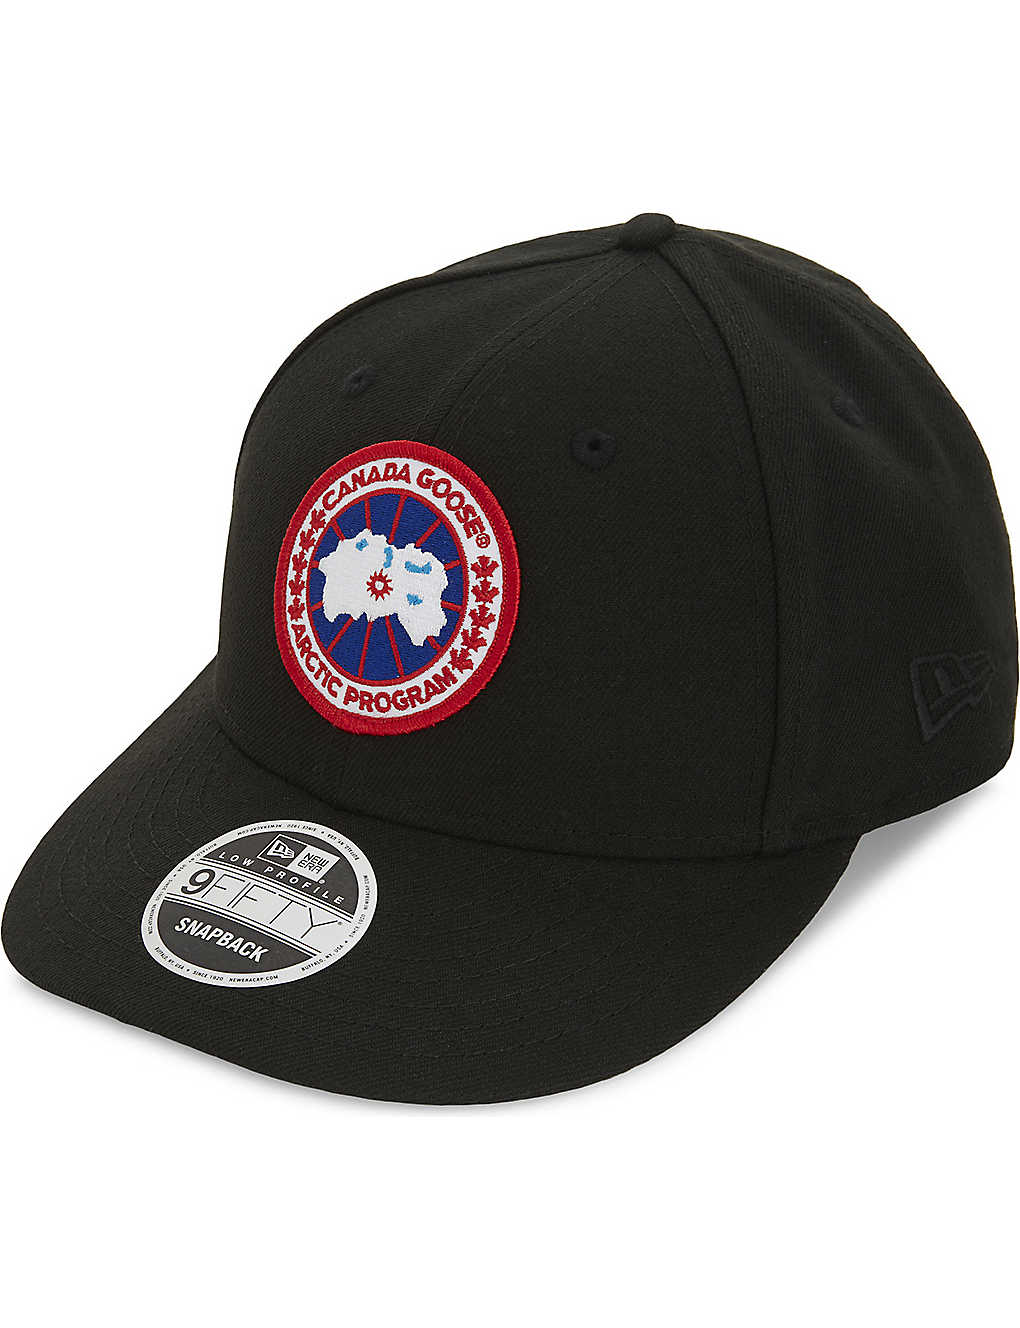 2014f91040dce CANADA GOOSE - Core logo baseball cap